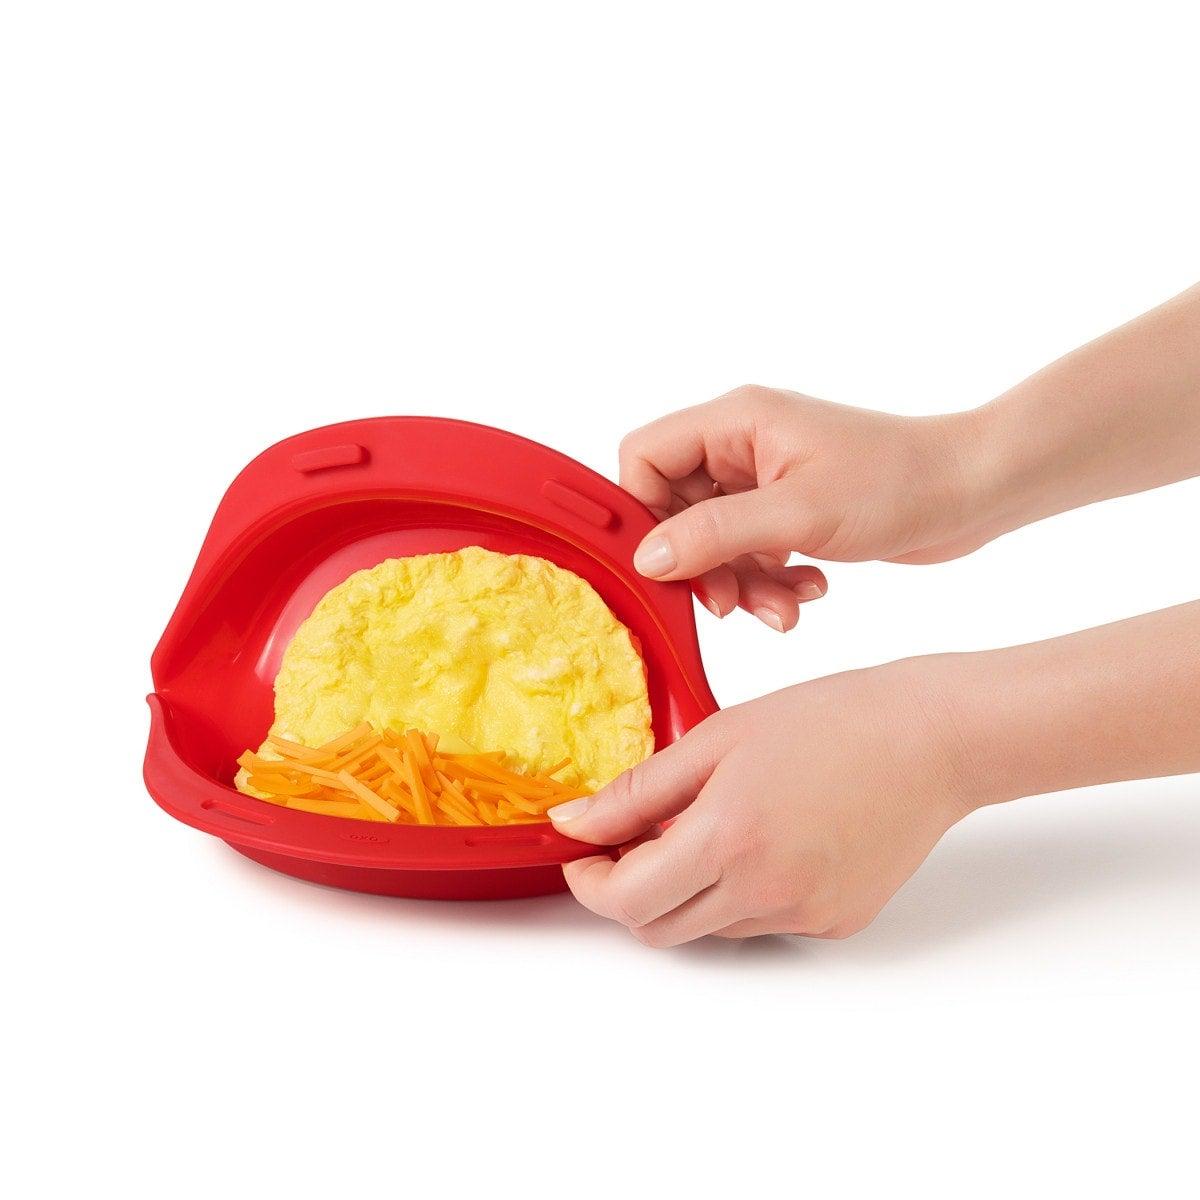 Oxo Omelette Maker, rouge,  faire des œufs et des carottes dans le Maker 5